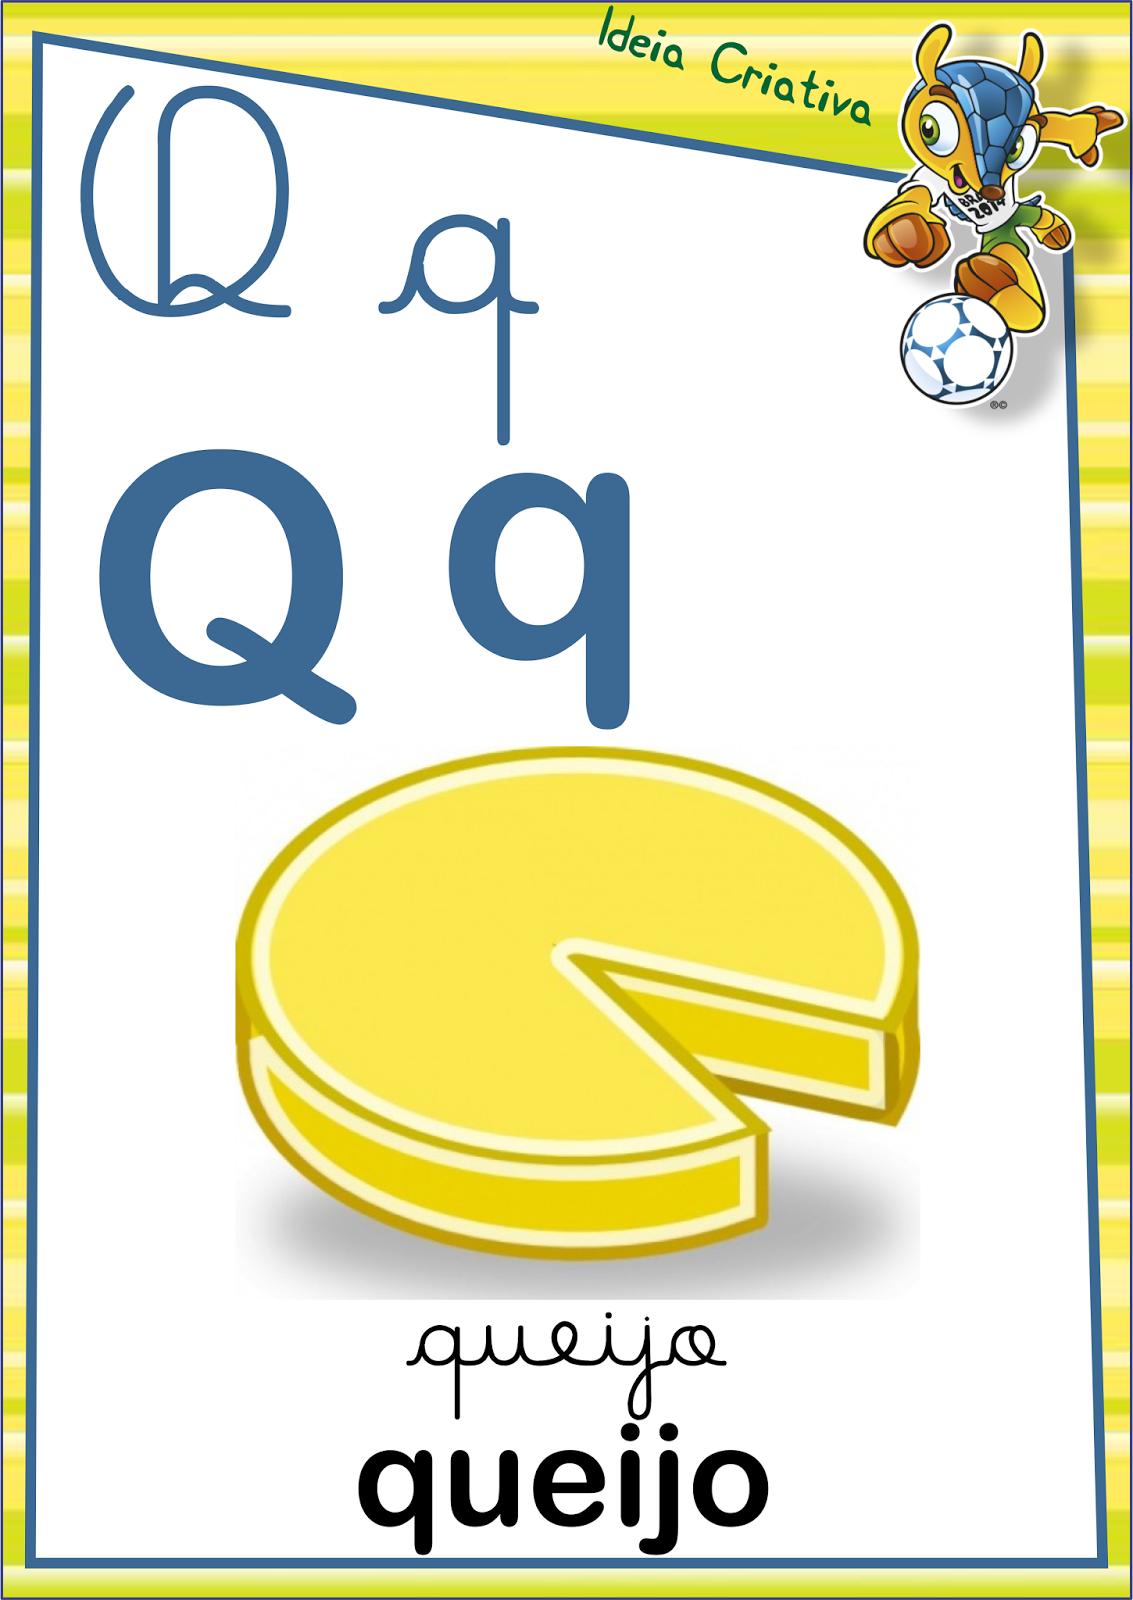 Alfabeto Letra Cursiva e Letra Bastão Copa do Mundo para Imprimir Grátis